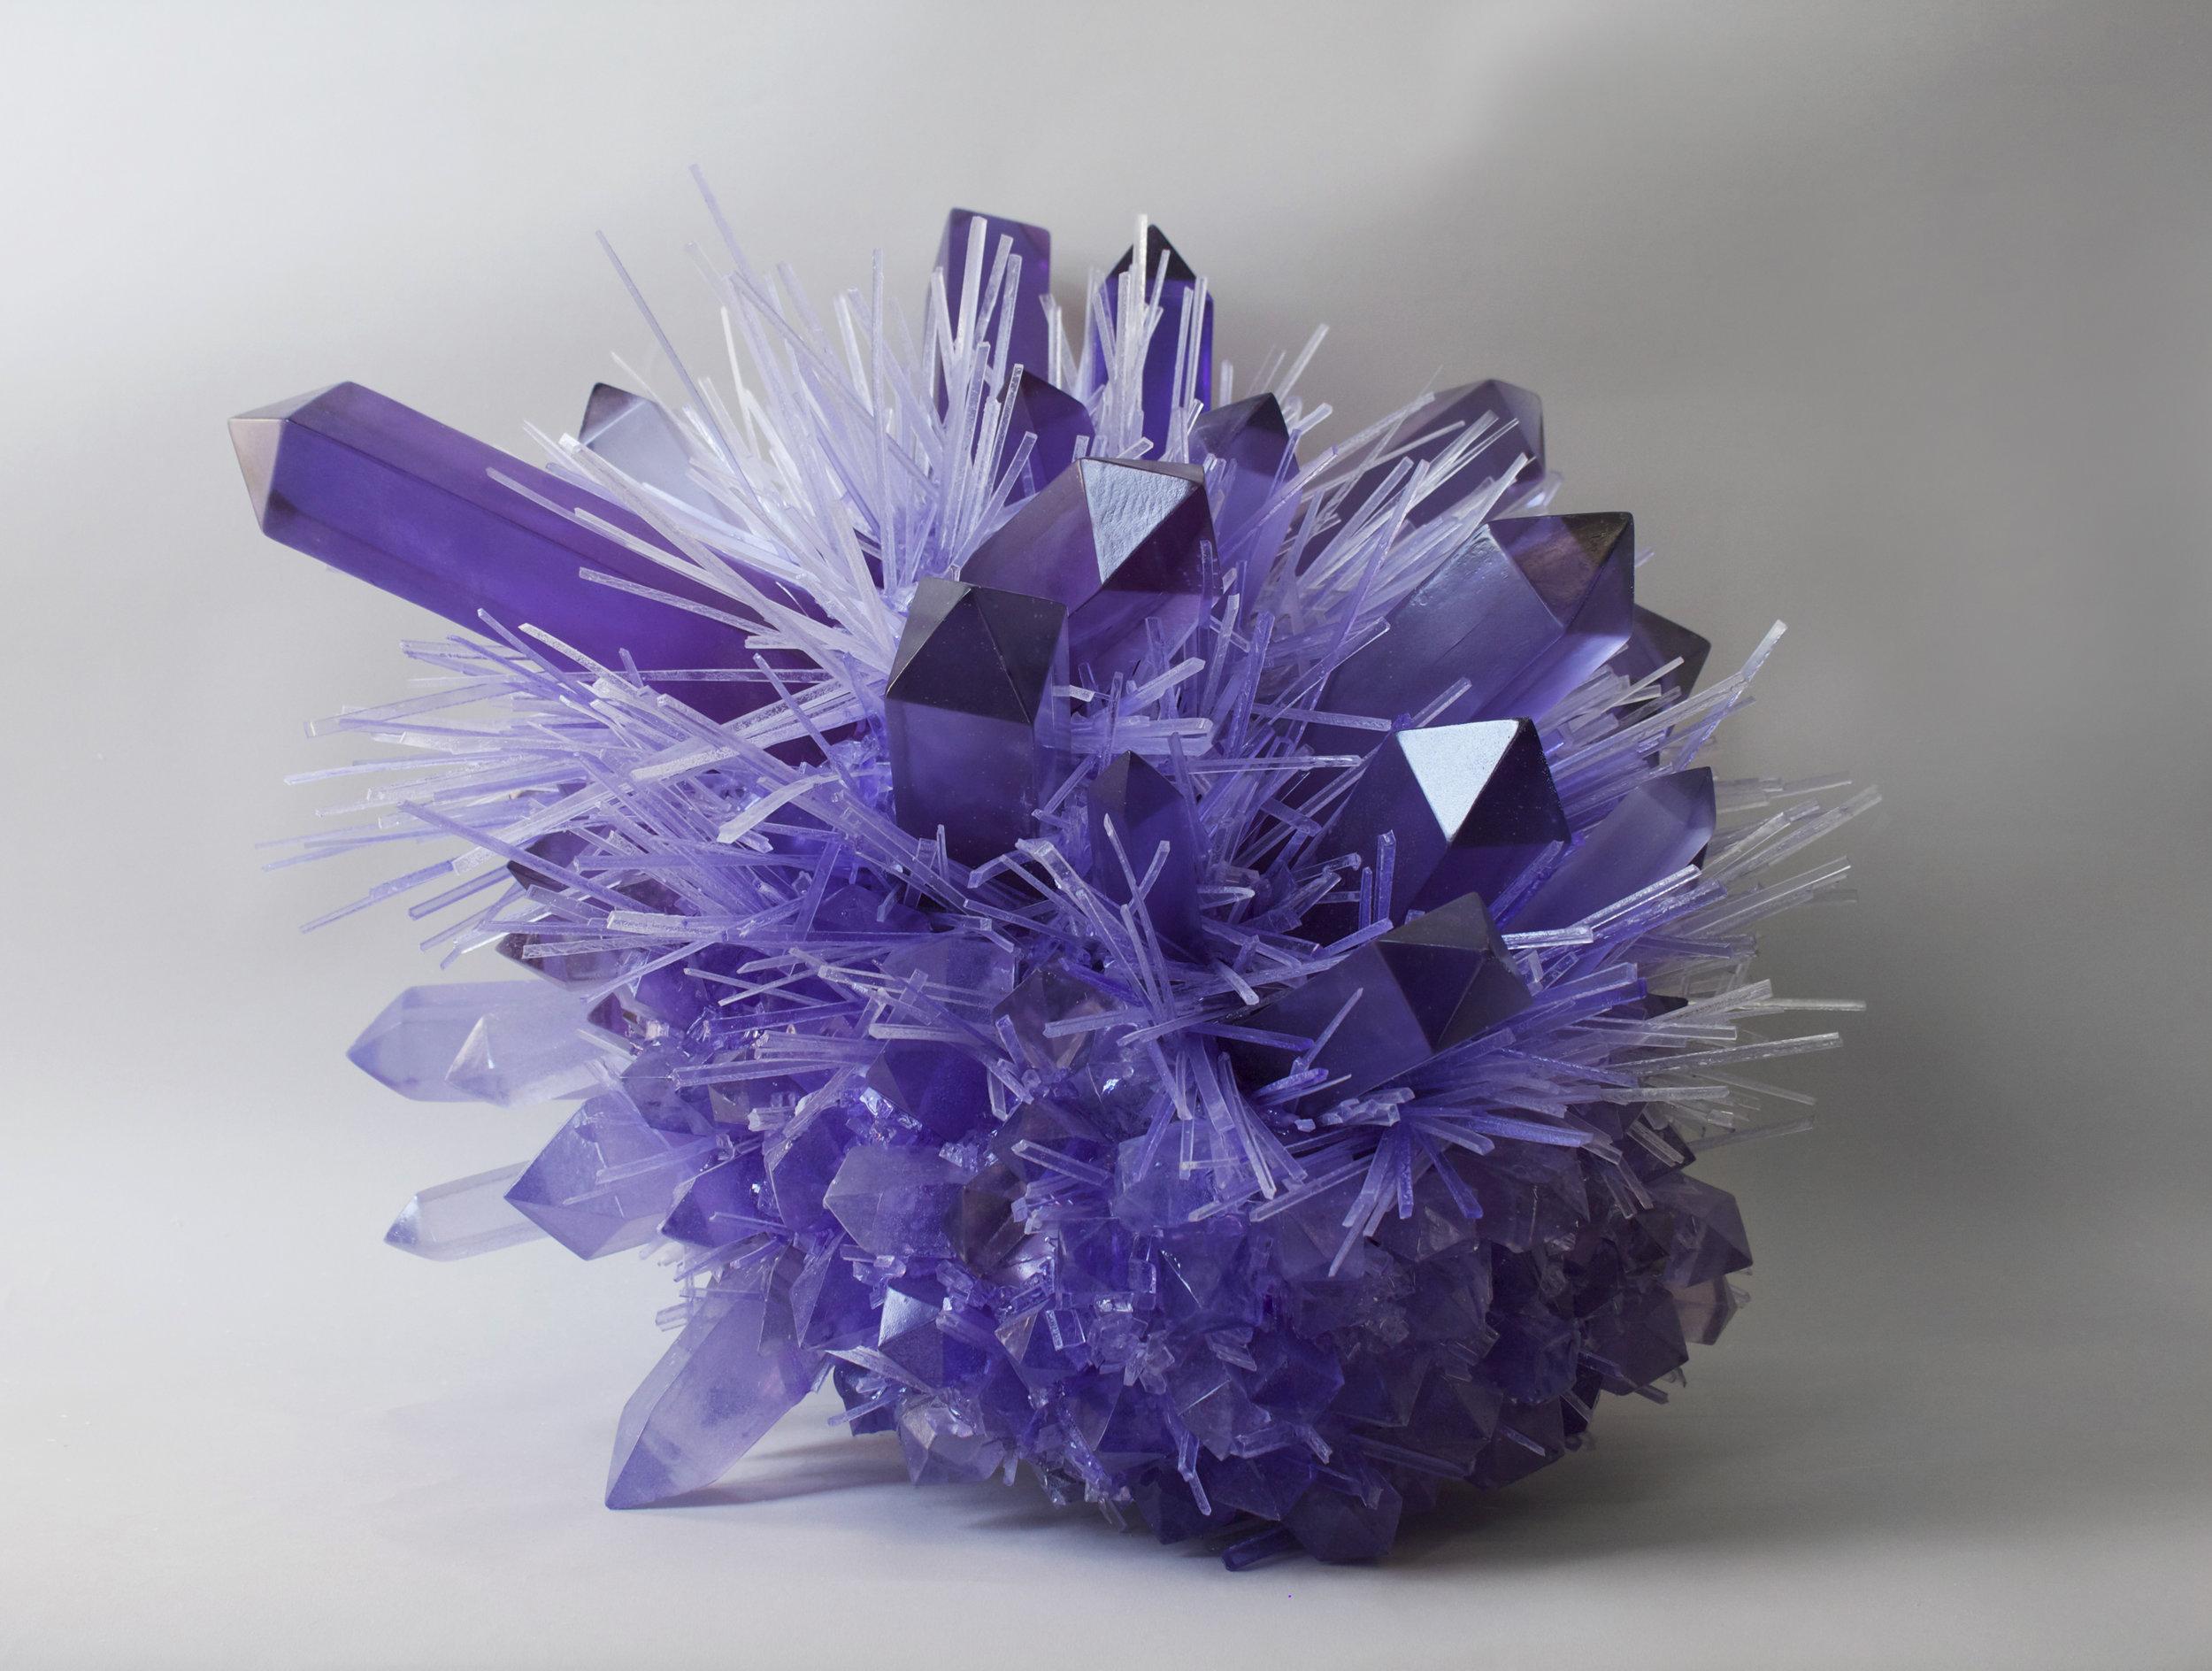 Violet Explosion,